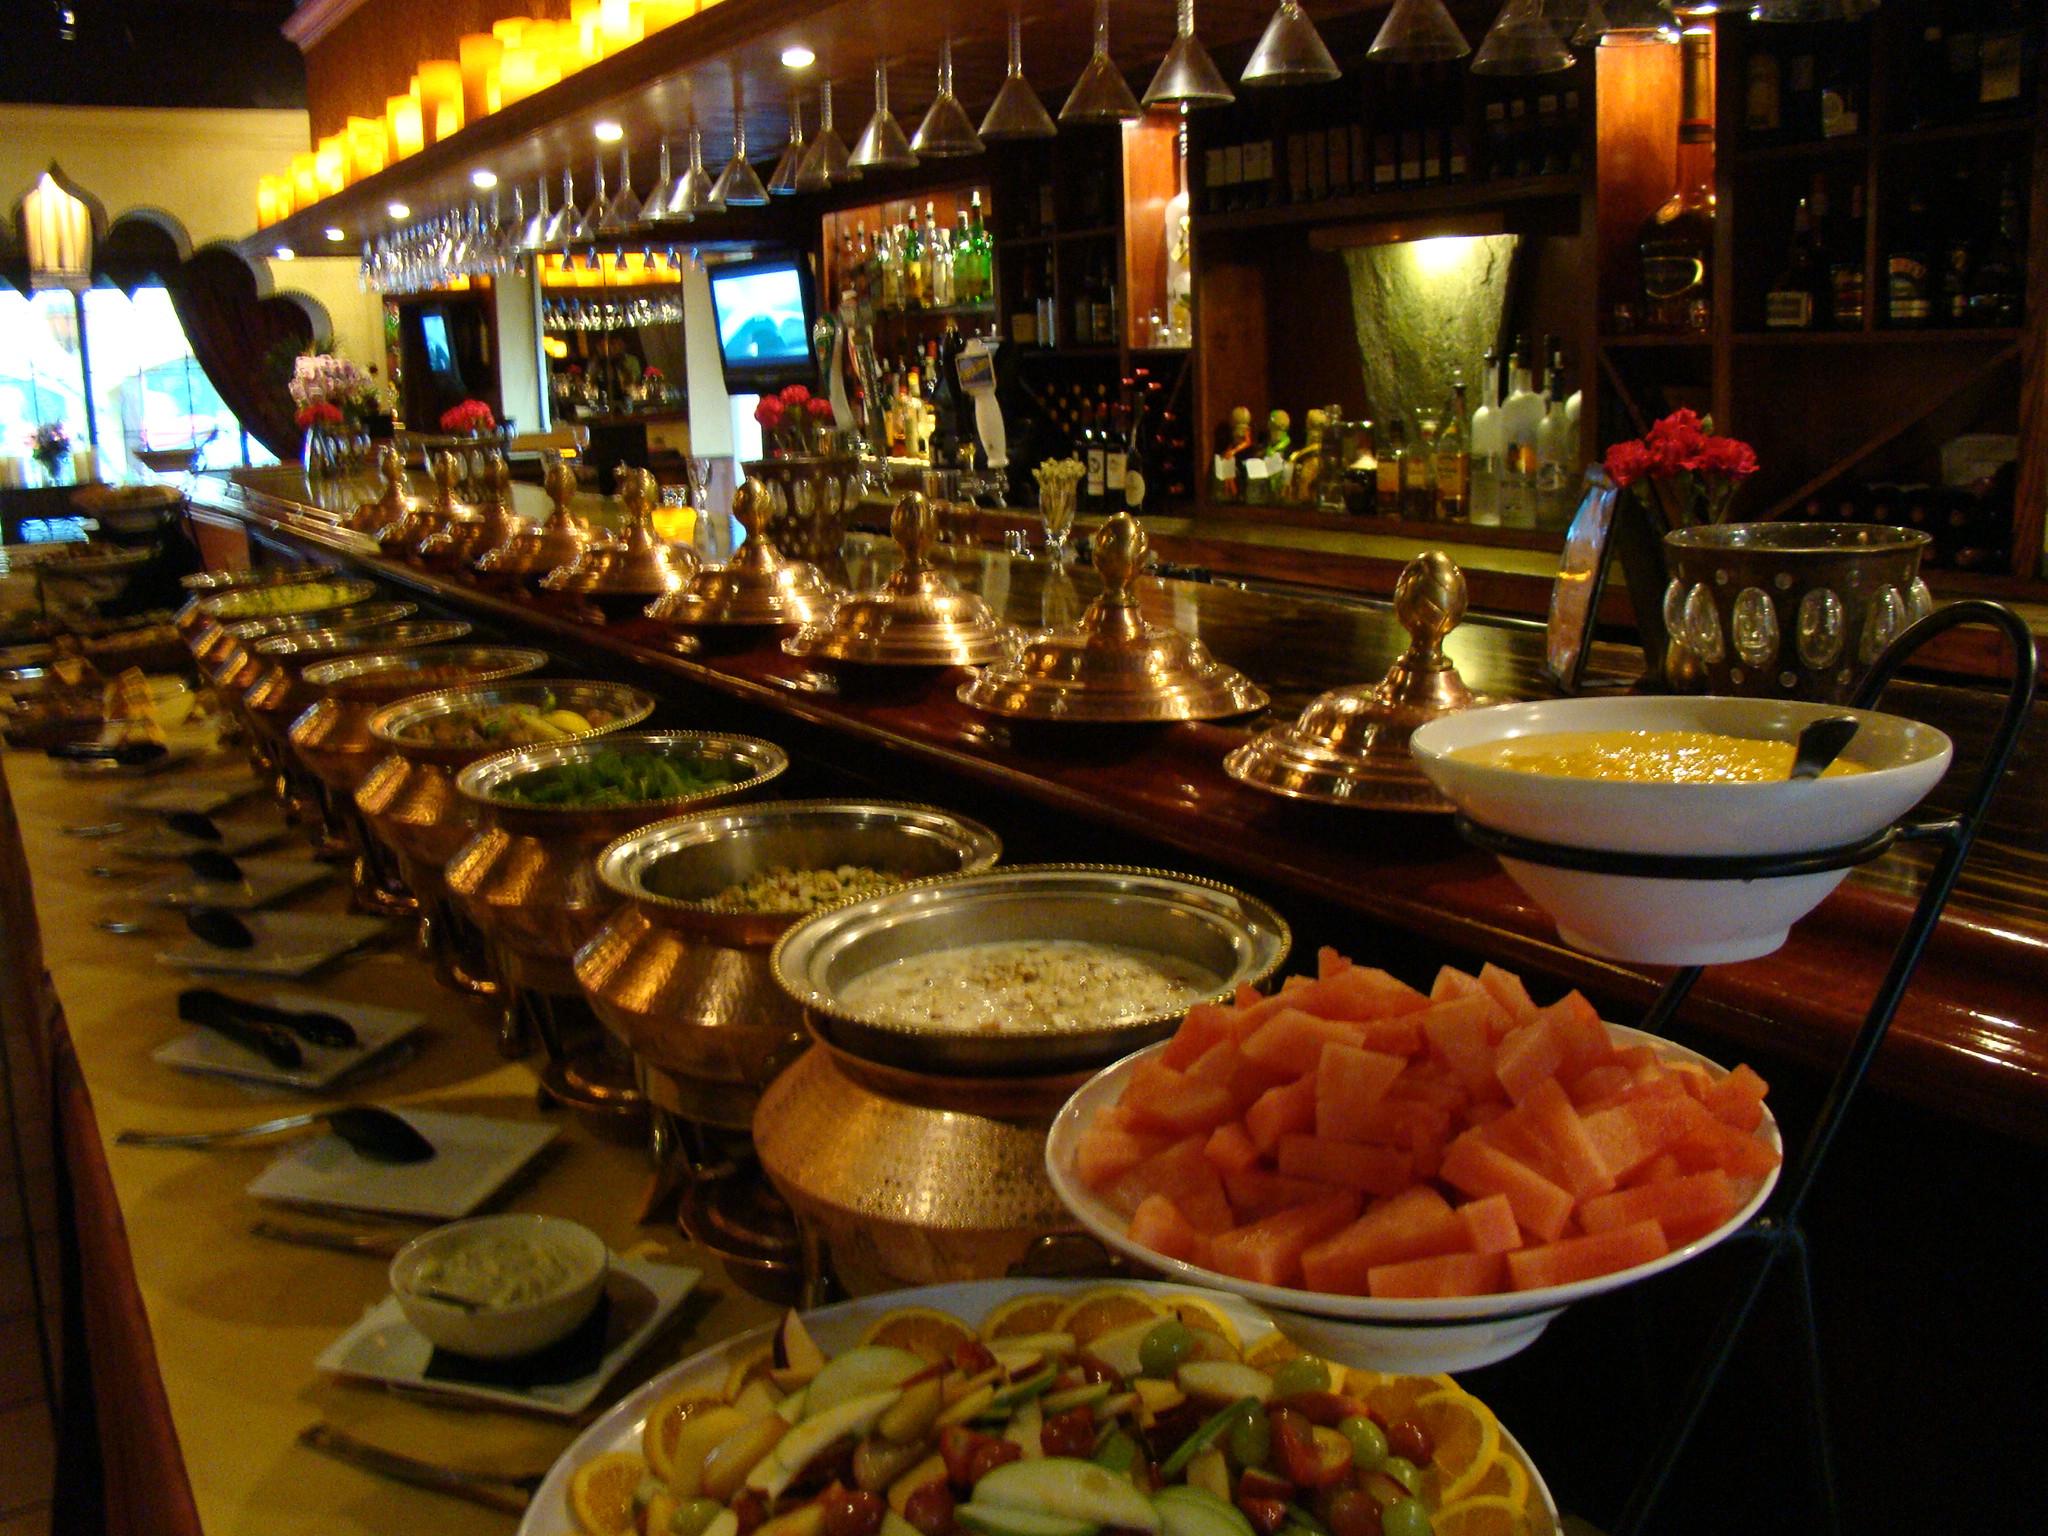 Restaurant For Easter Dinner  GoingOut India Restaurant Event Easter Buffet Brunch